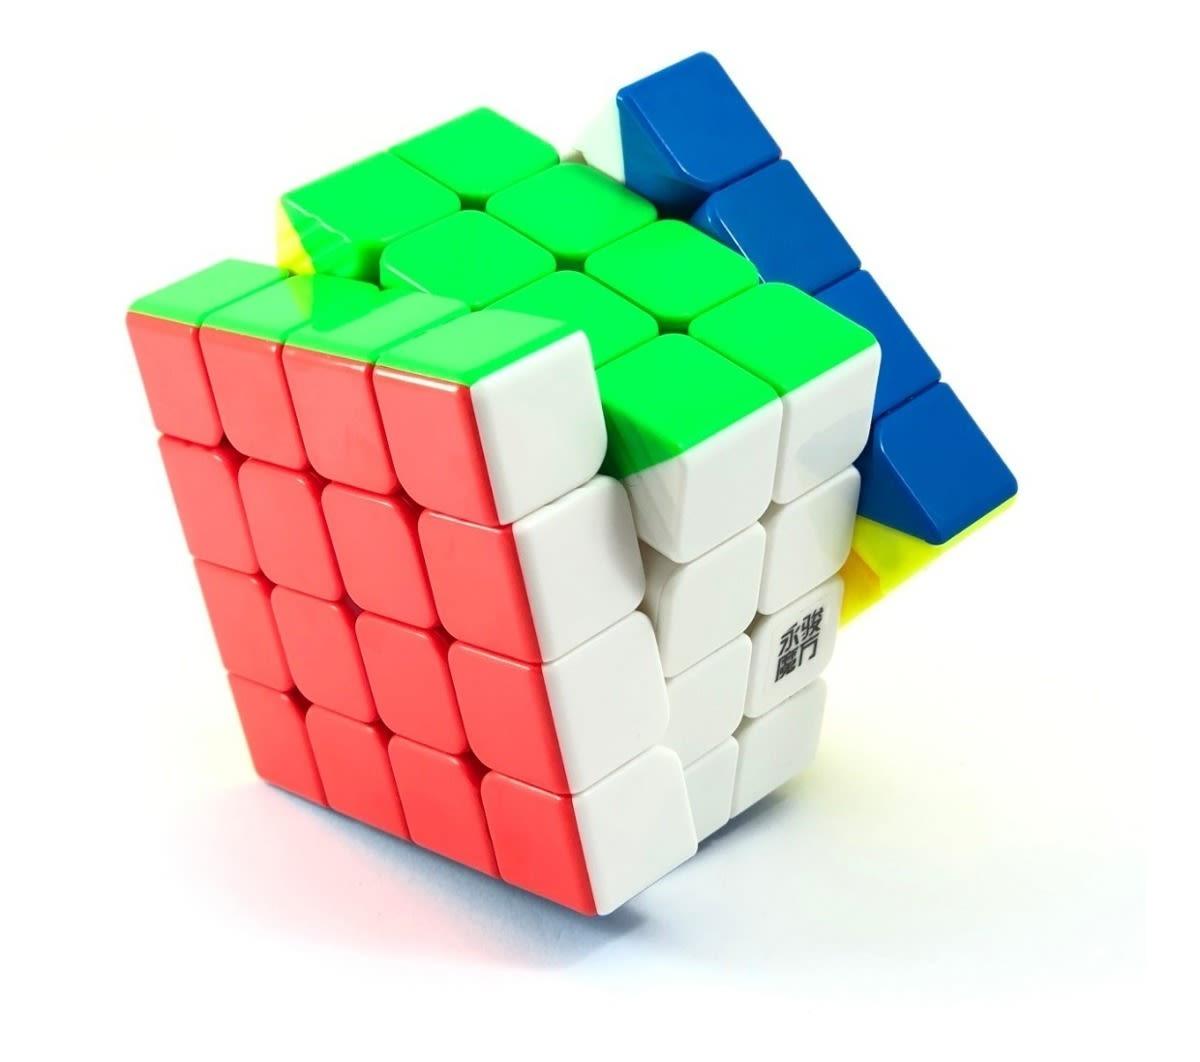 4x4x4 Yusu V2 M